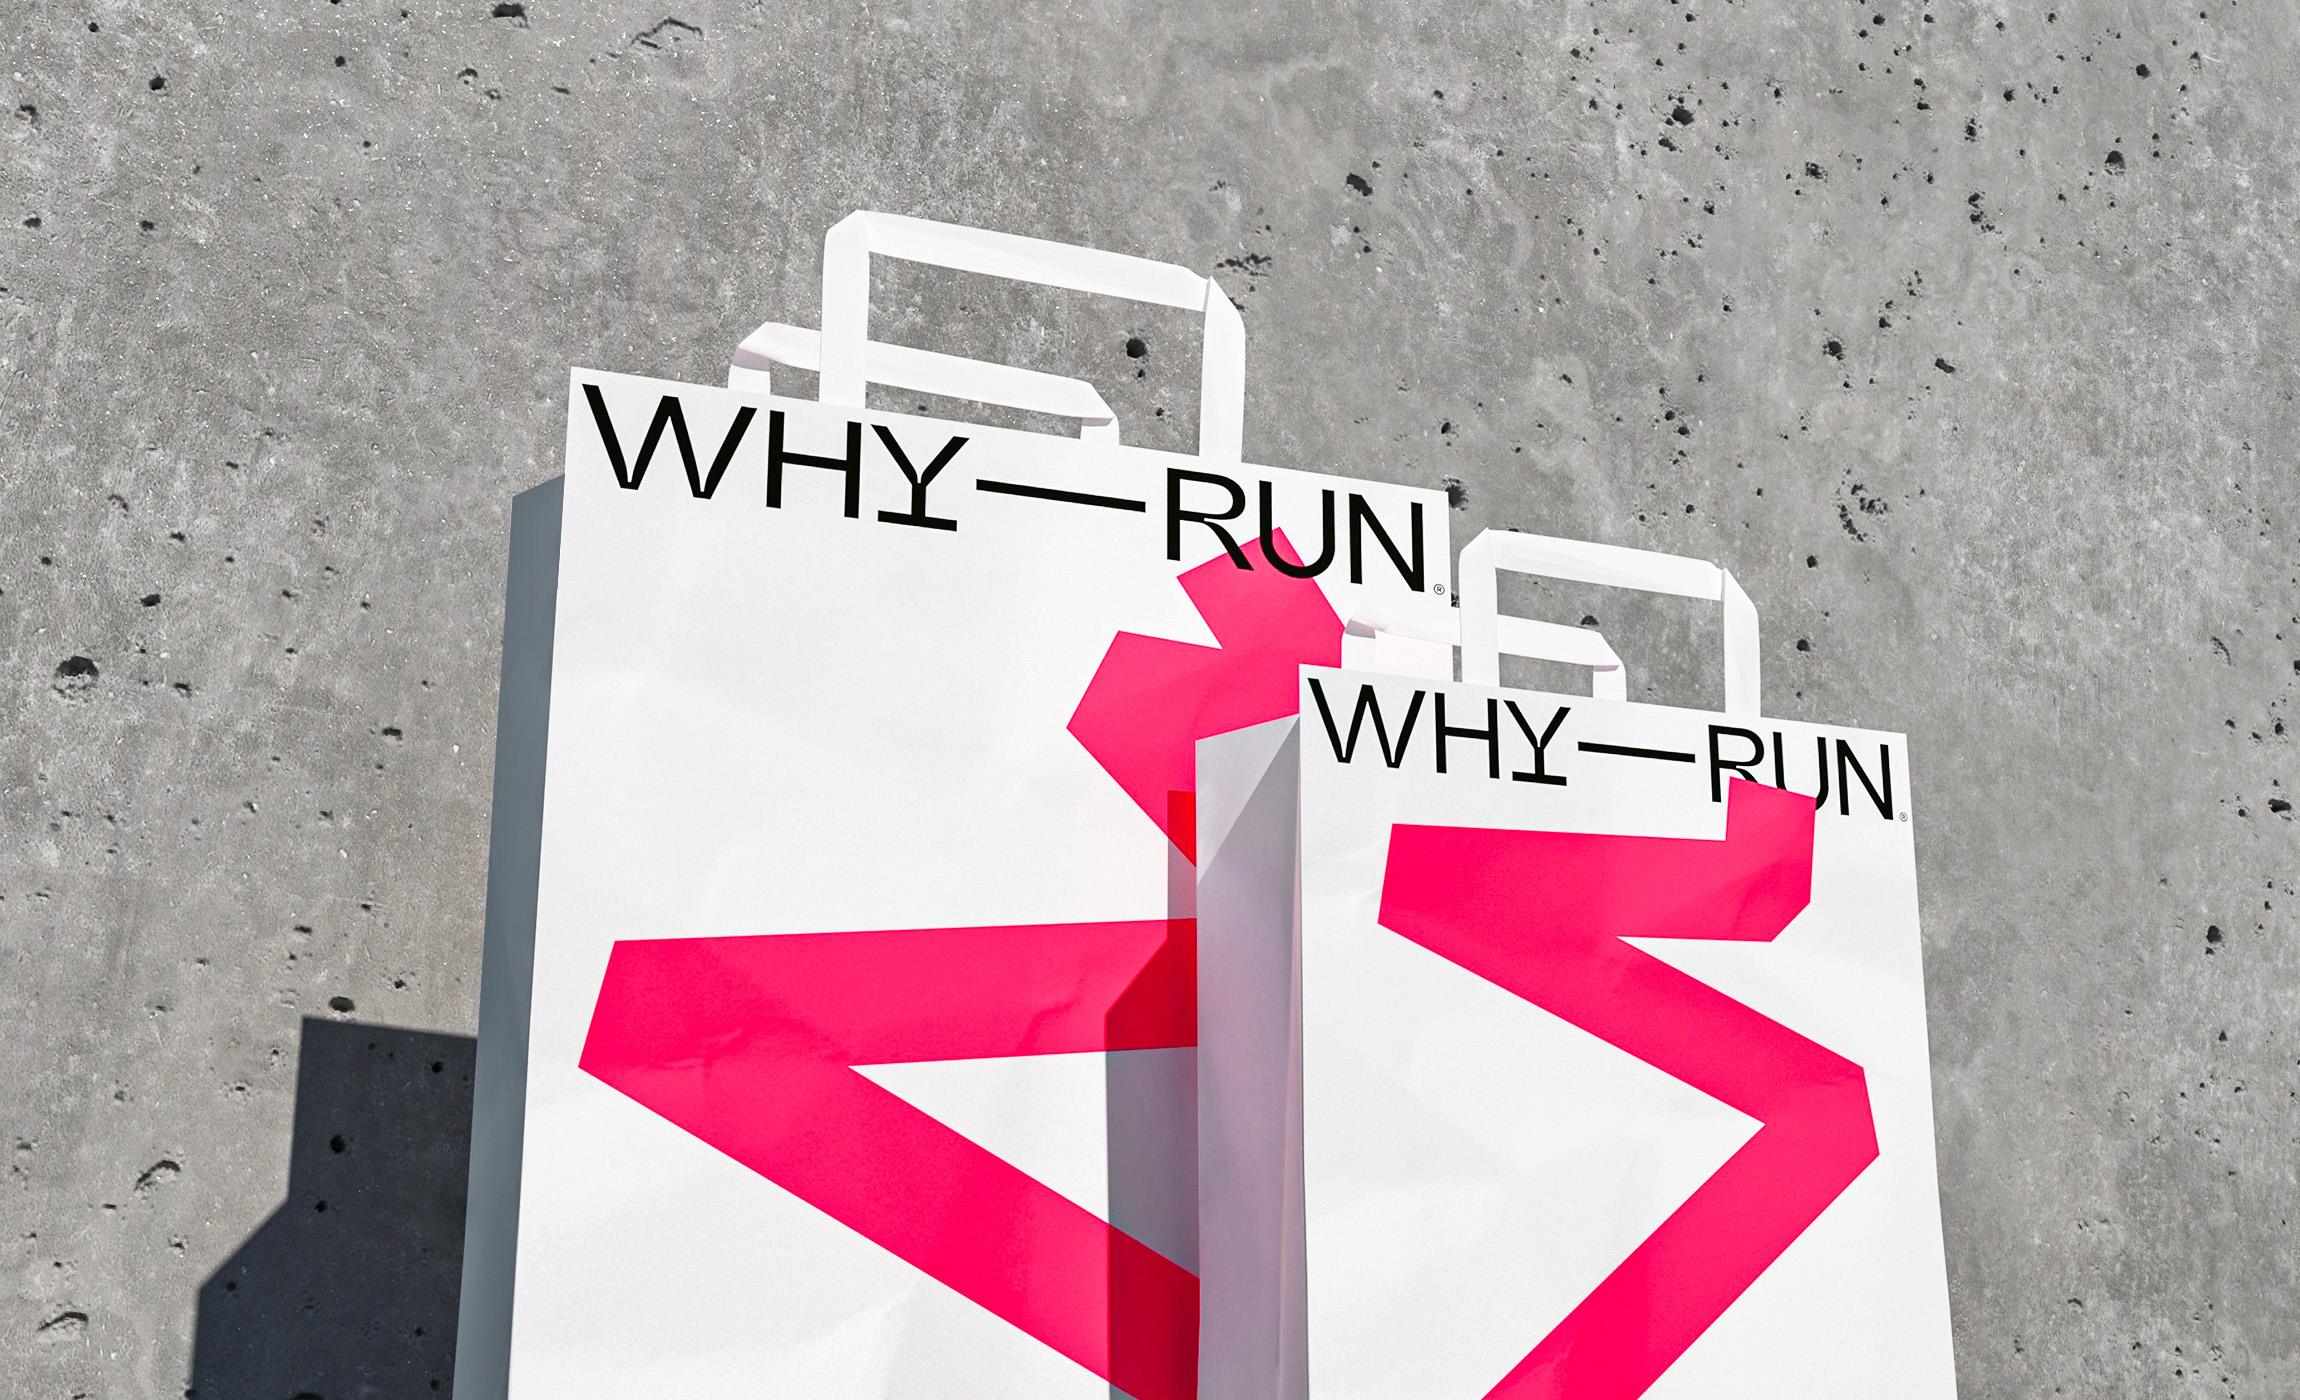 米兰运动概念店Why-Run品牌w88手机官网平台首页